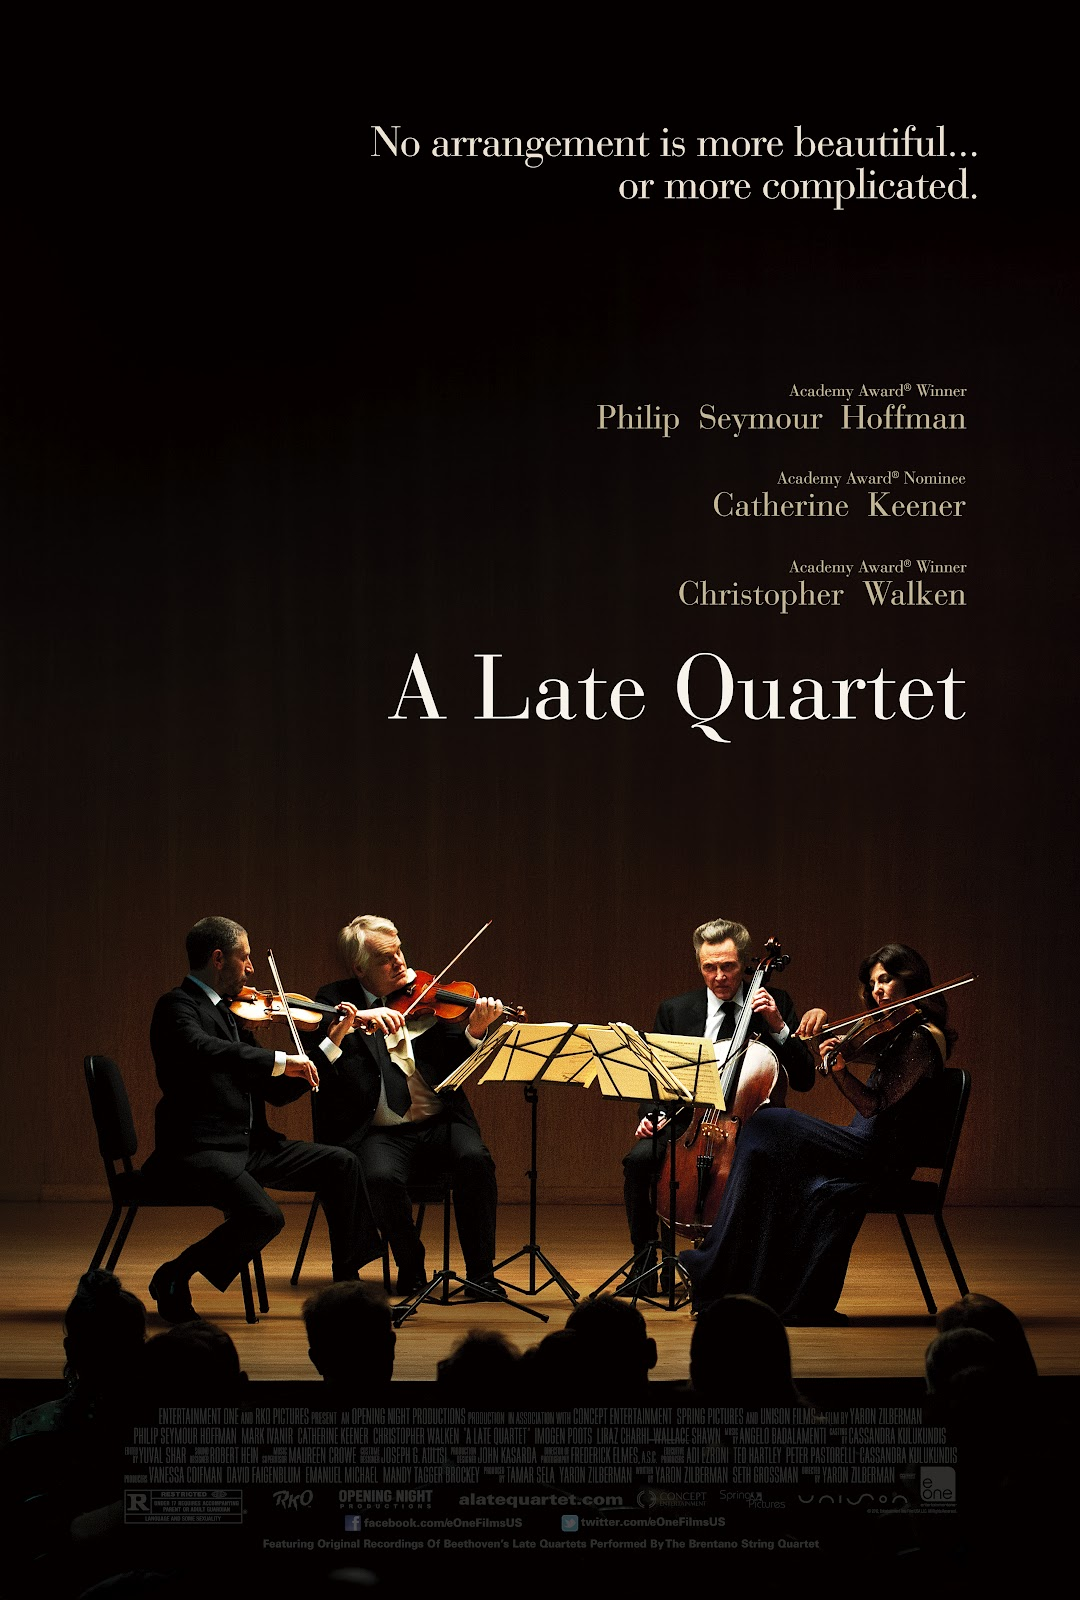 http://3.bp.blogspot.com/-I7FHZ3-HUSg/UE4vWAo8OgI/AAAAAAAAHHU/2rd6w4BJlgc/s1600/a-late-quartet-poster.jpg